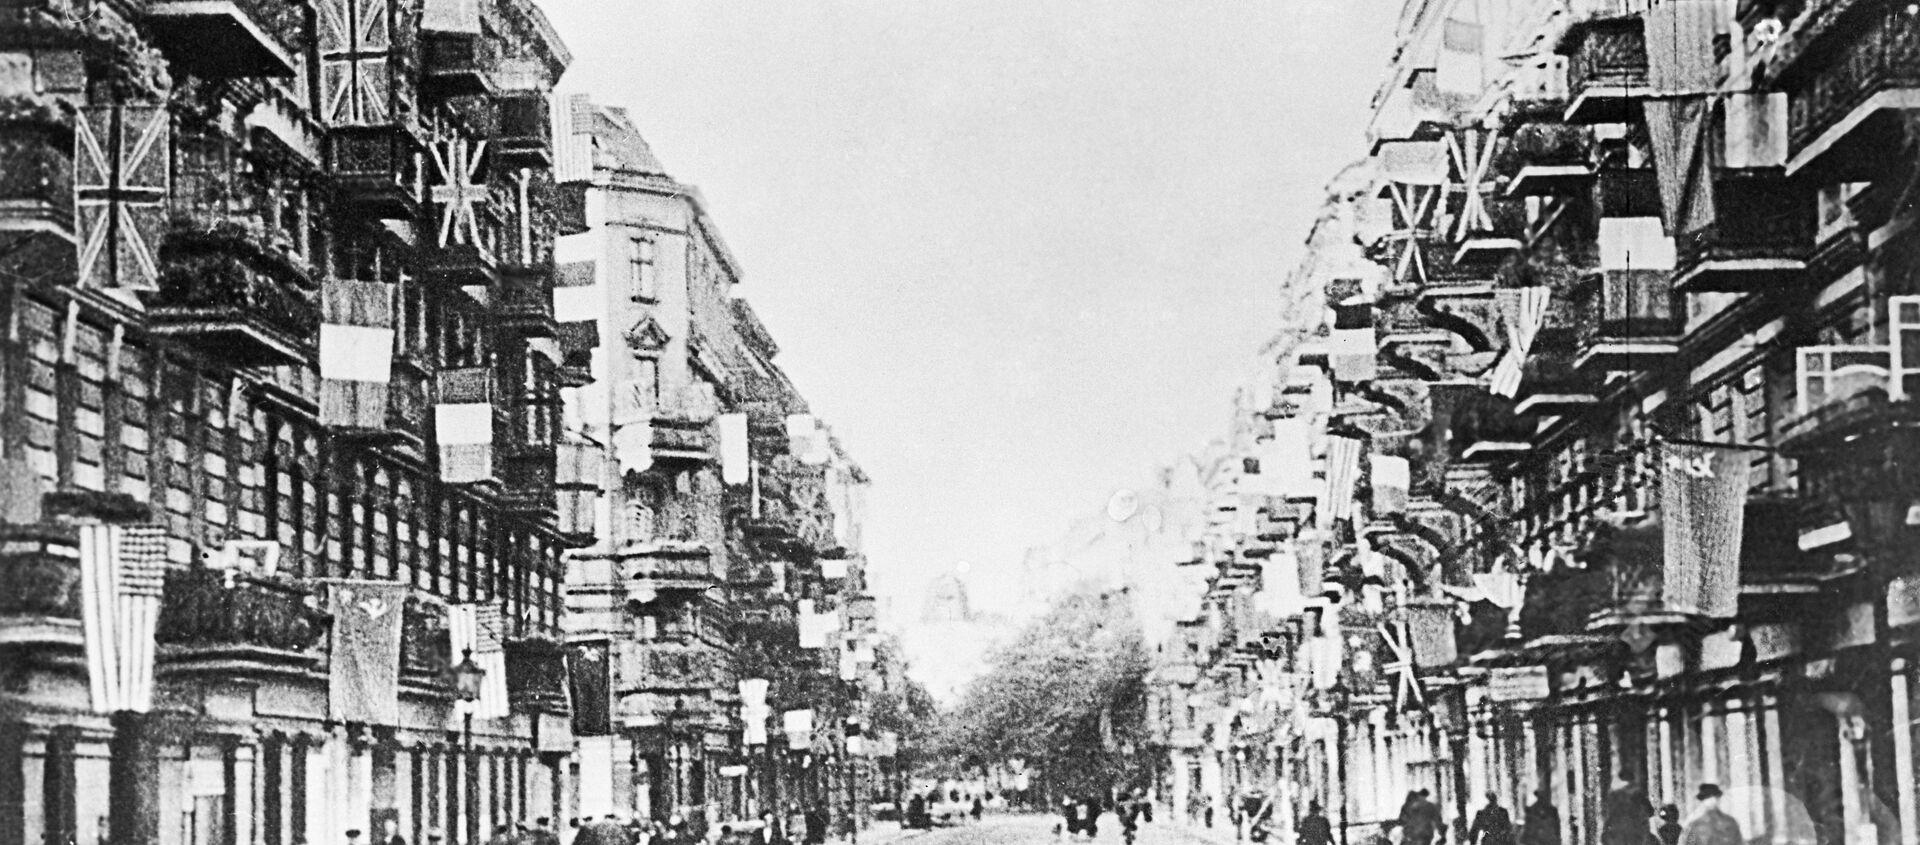 No fašistiem atbrīvotā Berlīne - Sputnik Latvija, 1920, 04.05.2020